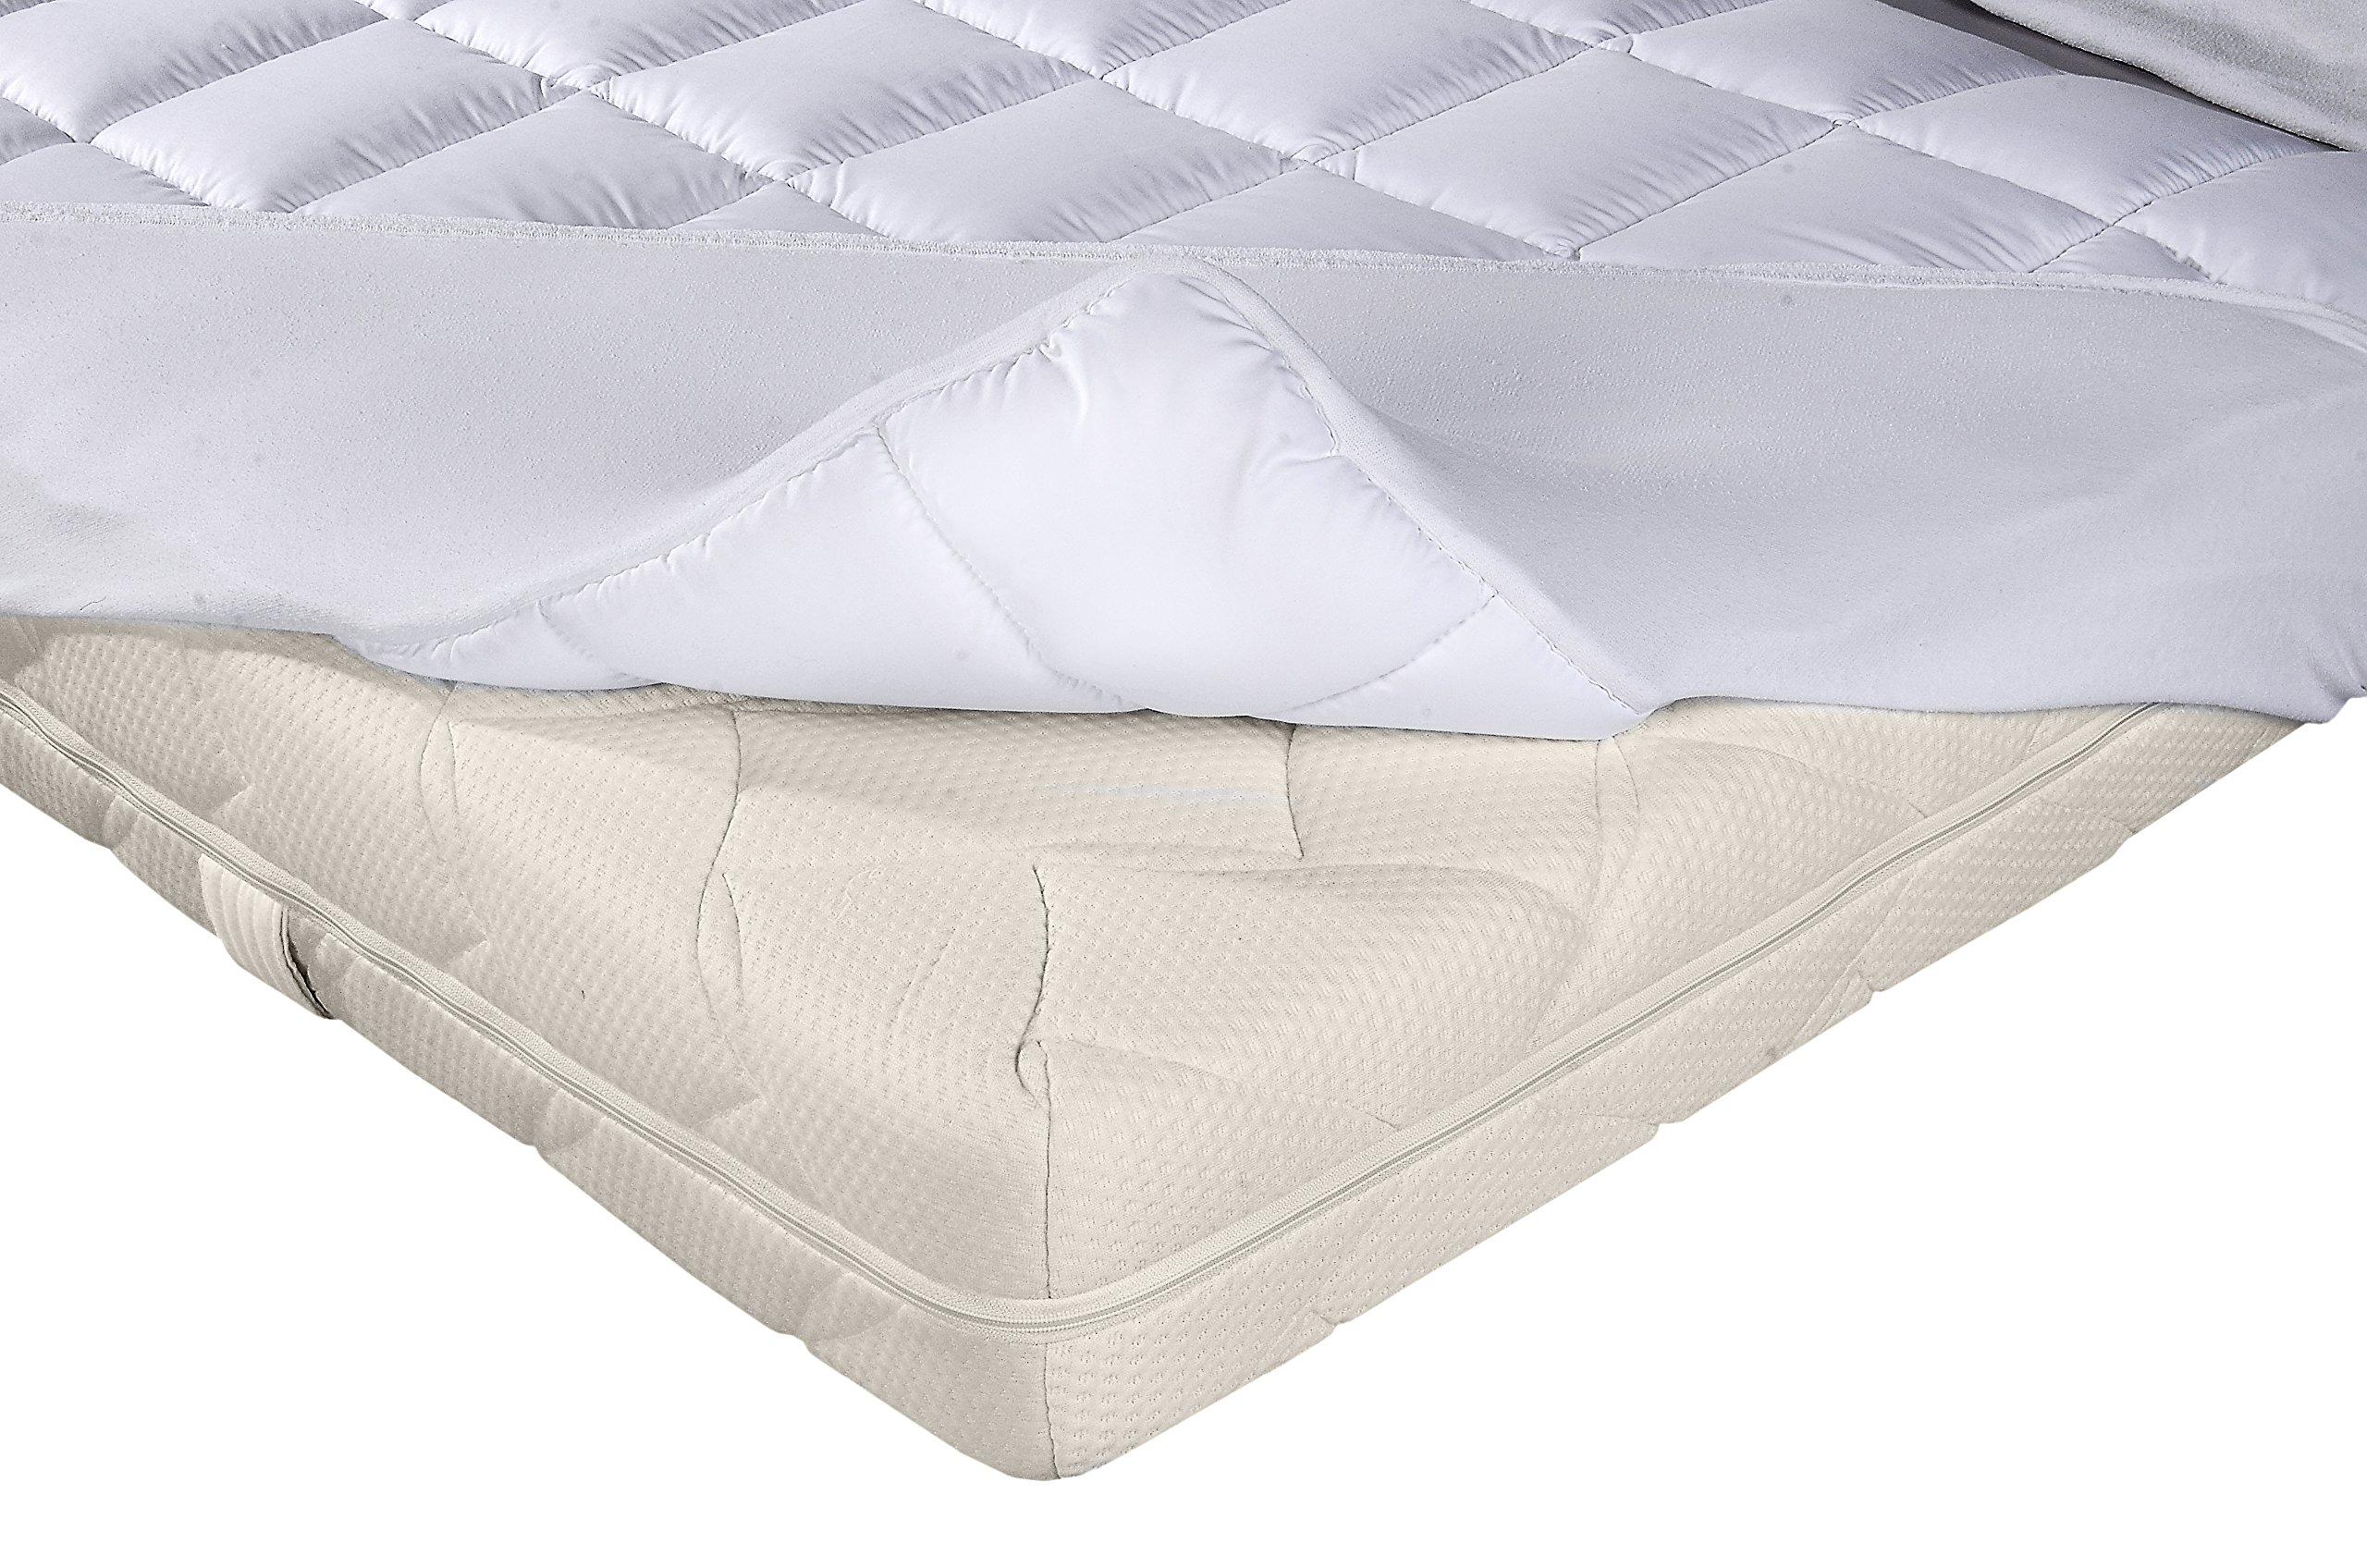 PROCAVE Micro-Comfort Matratzen-Bett-Schoner weiß 60x120 cm mit Spannumrandung | Höhe bis 30cm | Auch für Boxspring…